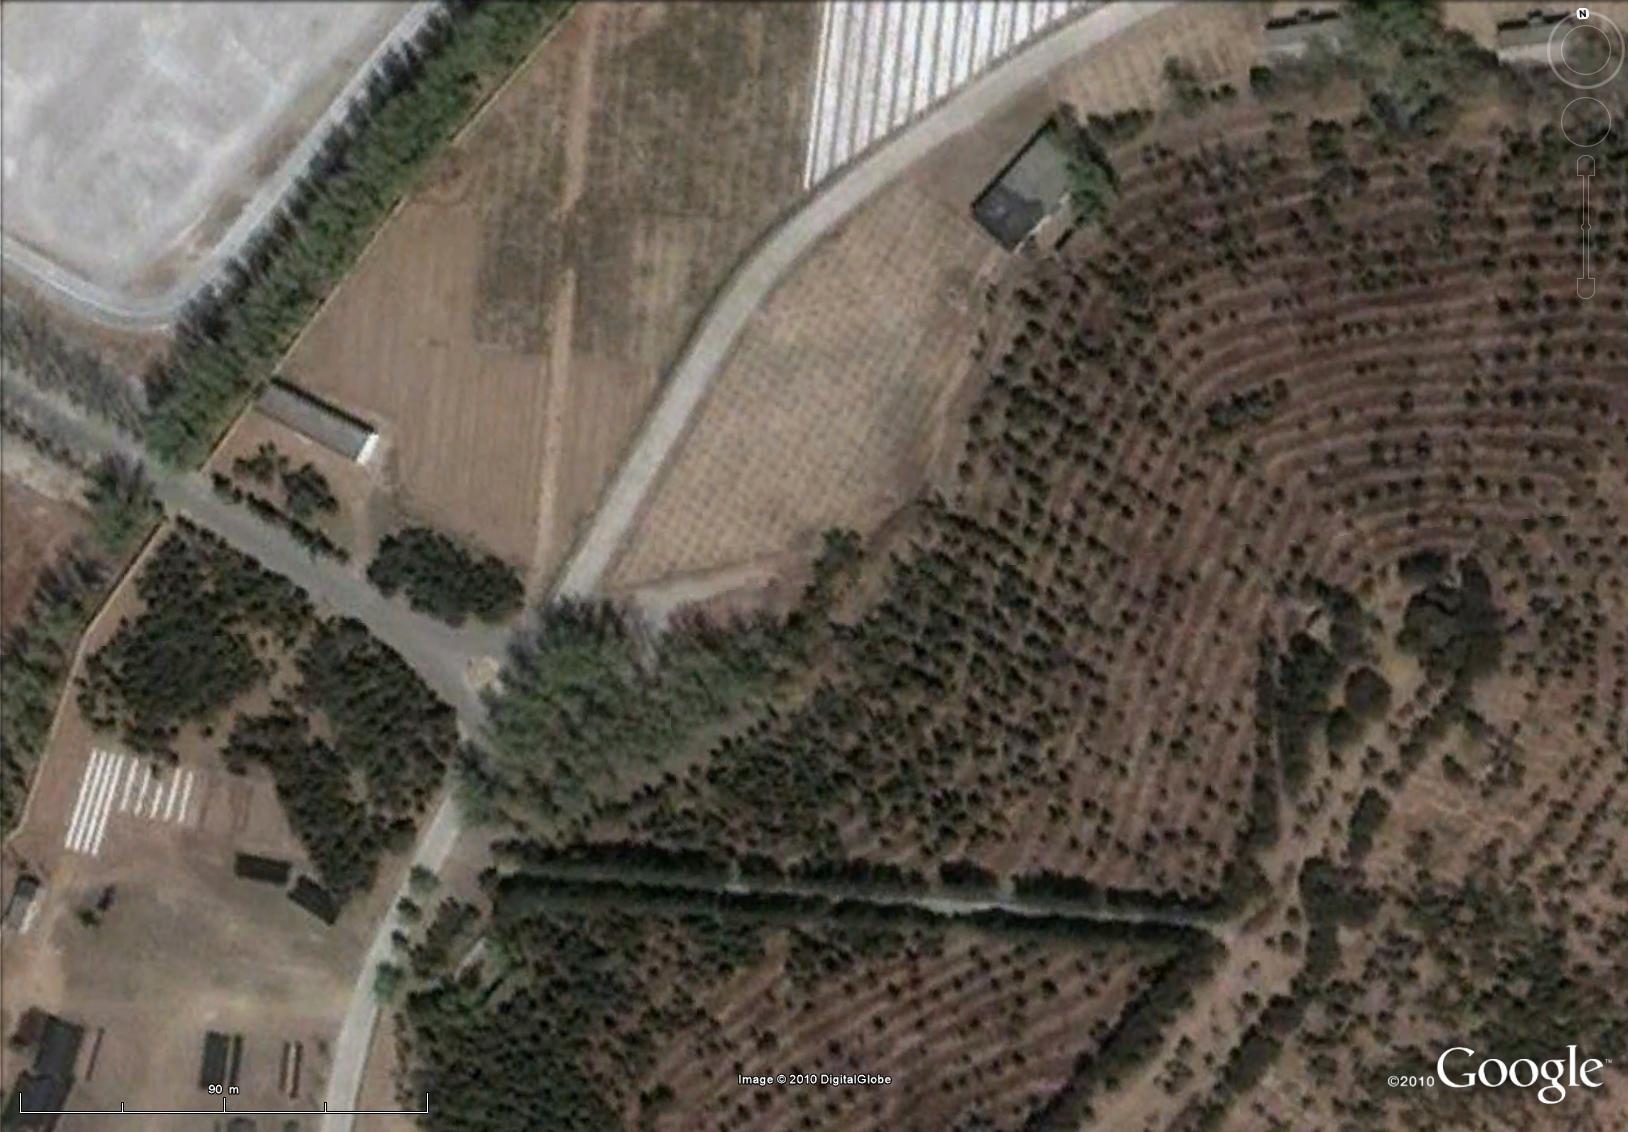 """Ancienne Garnison, Beizangcunzhen, Pekin, CHINE, 39°40'22.70""""N 116°20'4.00""""E - Page 2 Pekin_11"""